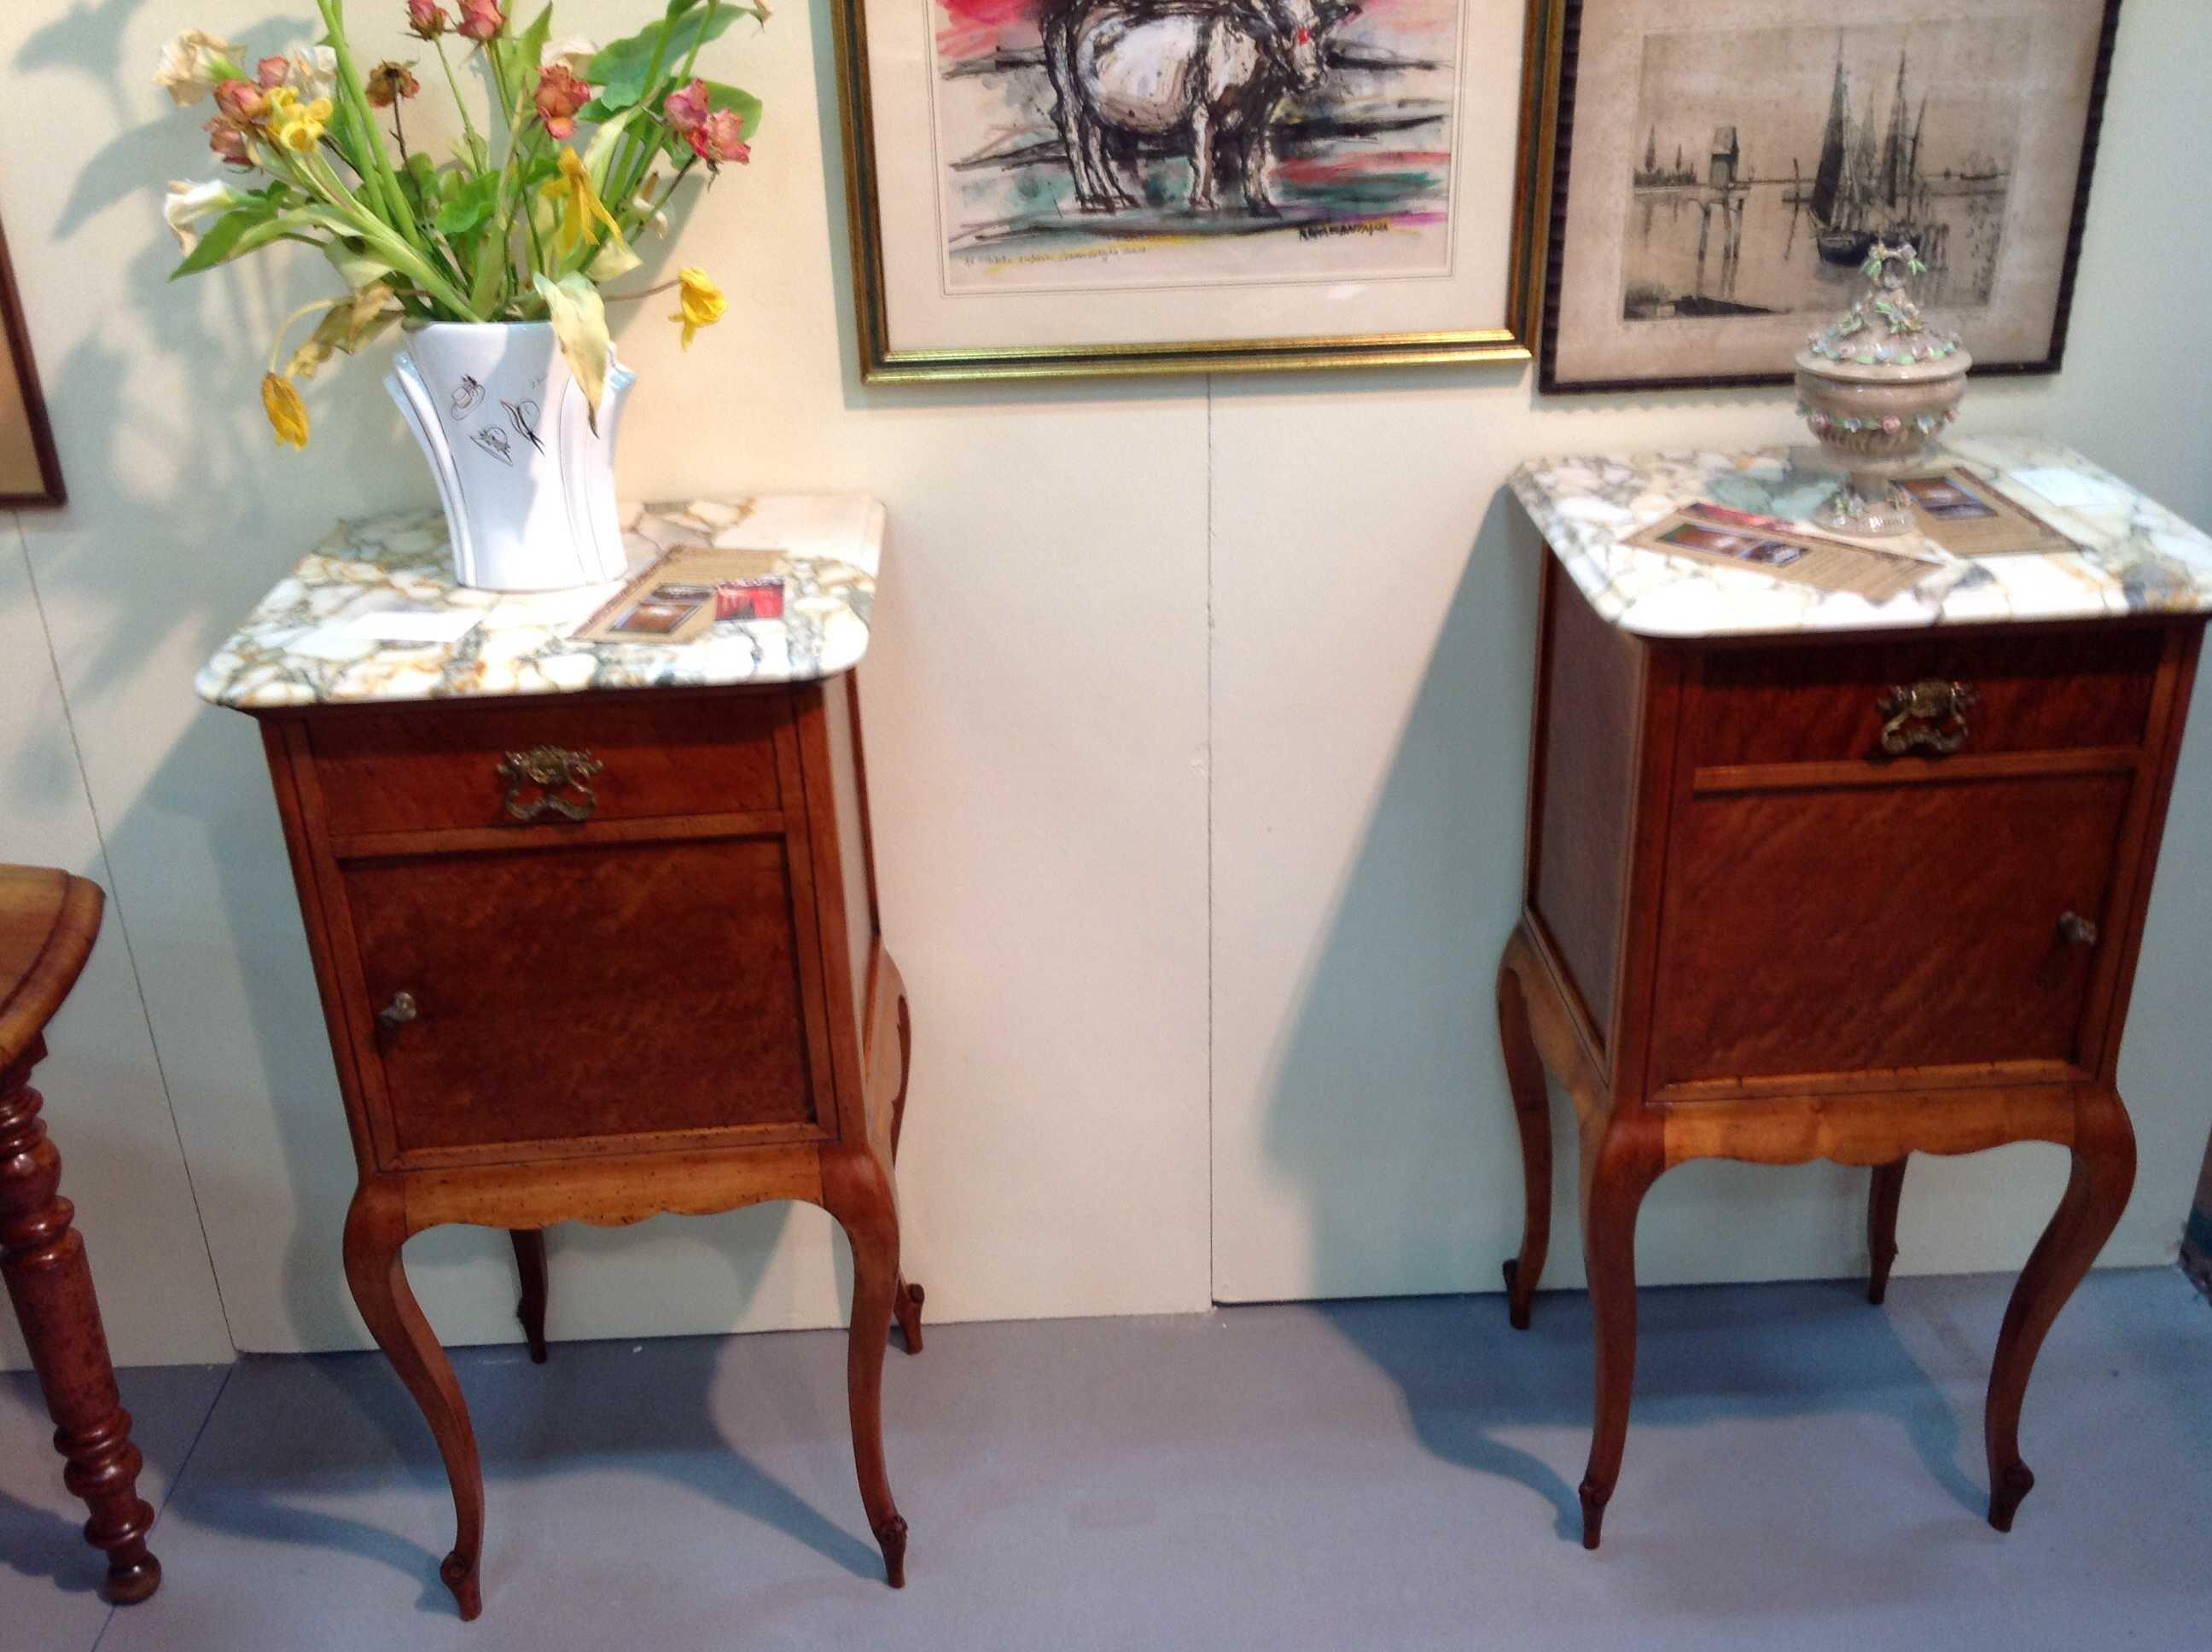 Coppia comodini arredamento mobili antiquariato musetti - Valutazione mobili usati ...